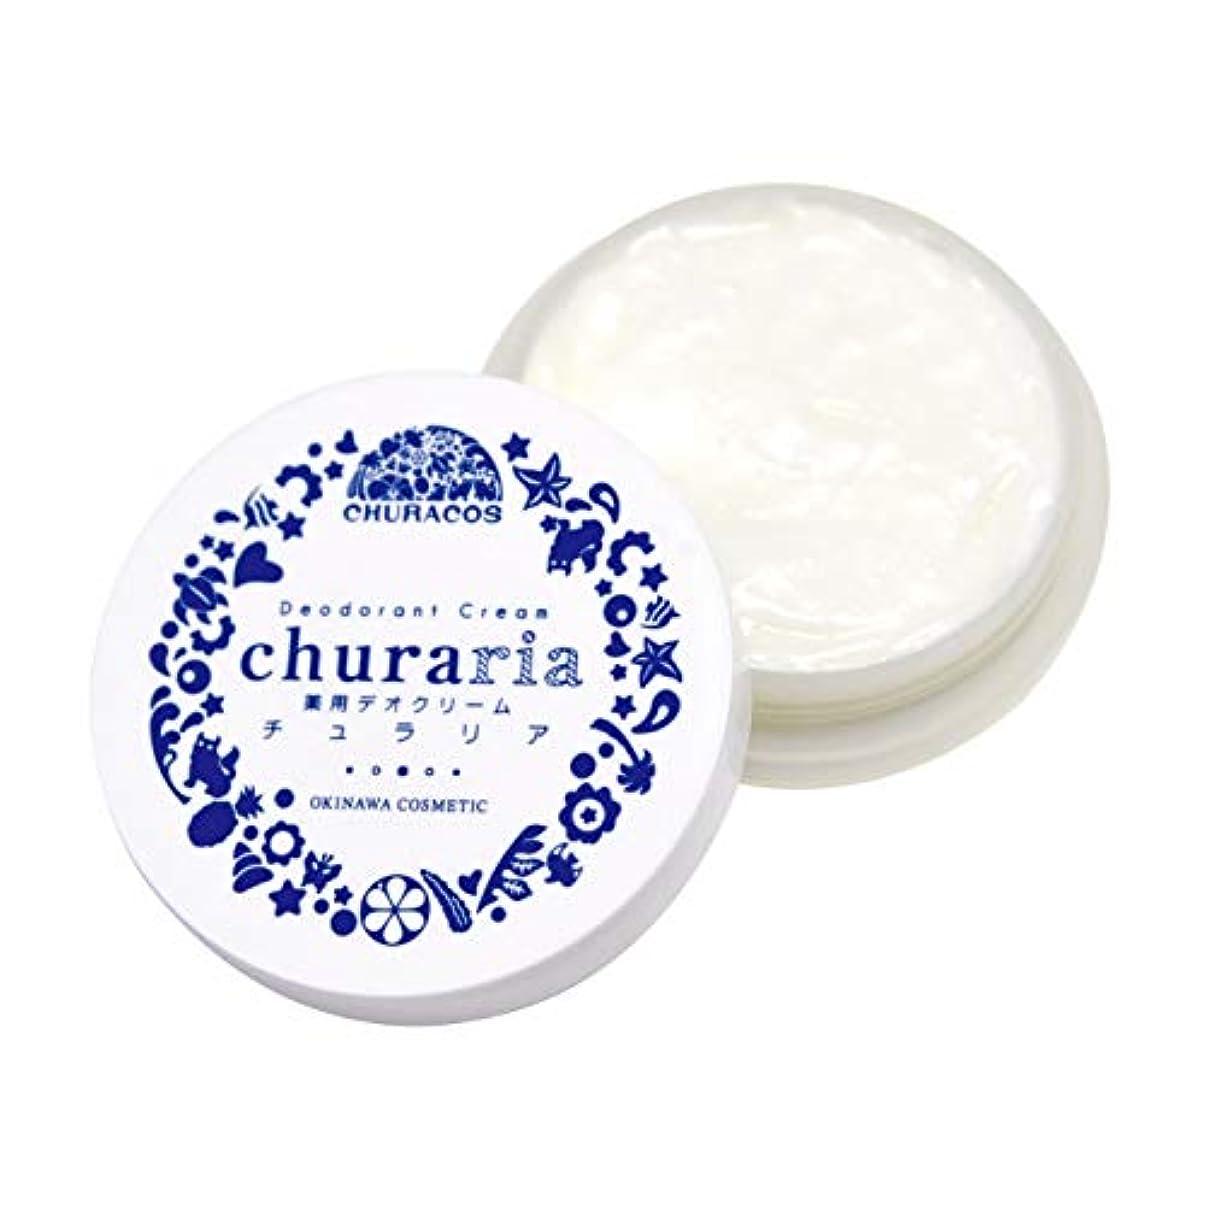 億復活する渇きチュラコス 薬用デオドラントクリーム チュラリア 27g 制汗剤 わきが デリケート (1個)